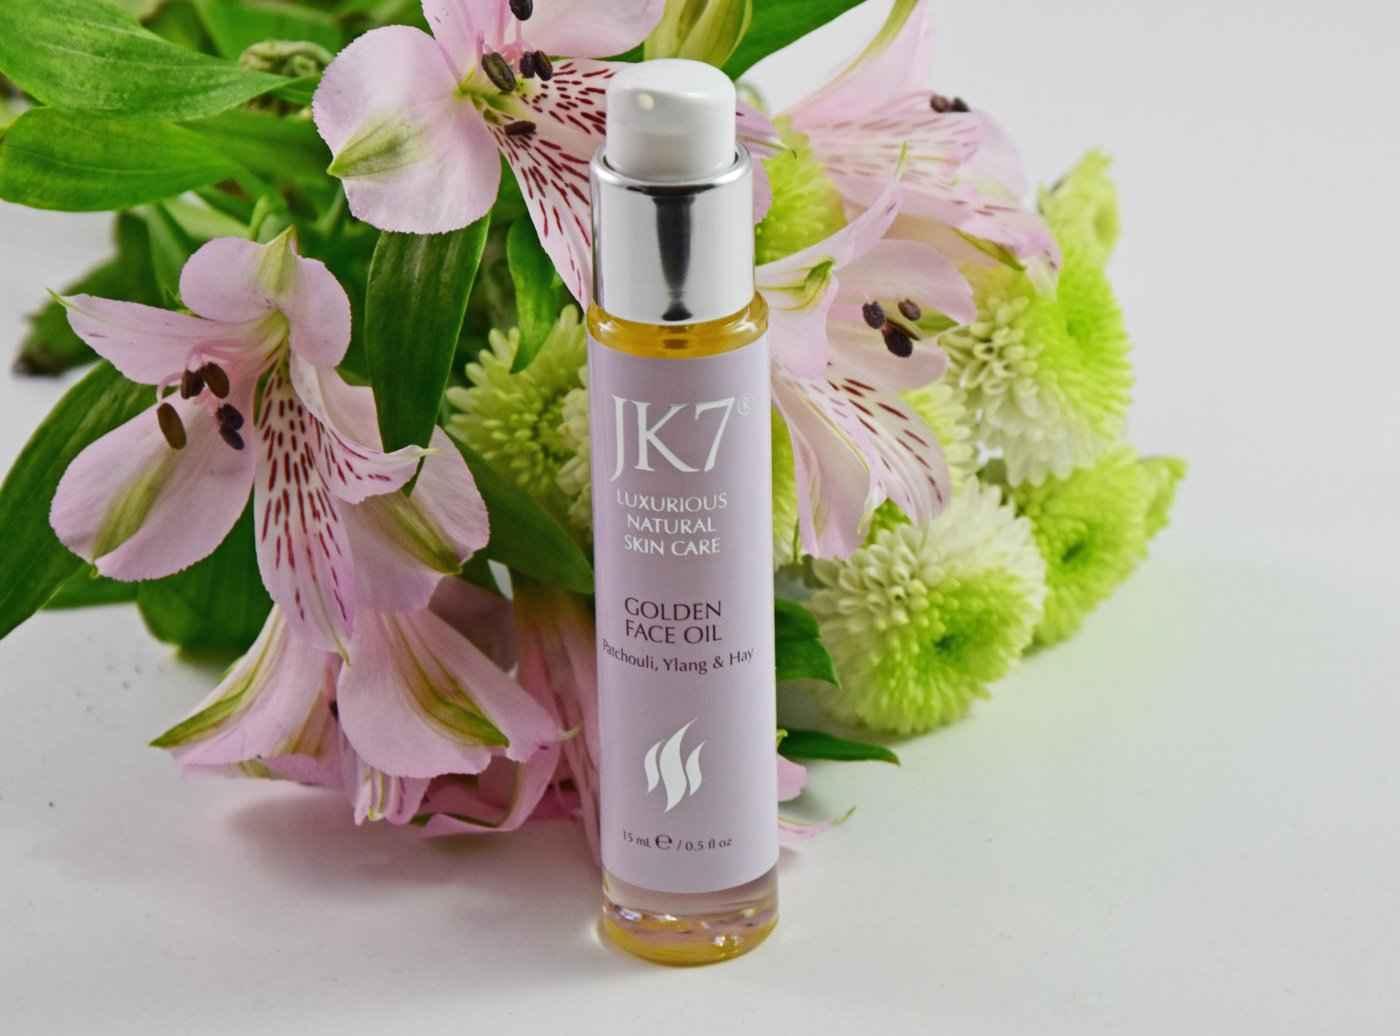 JK7 - Golden Face Oil Review